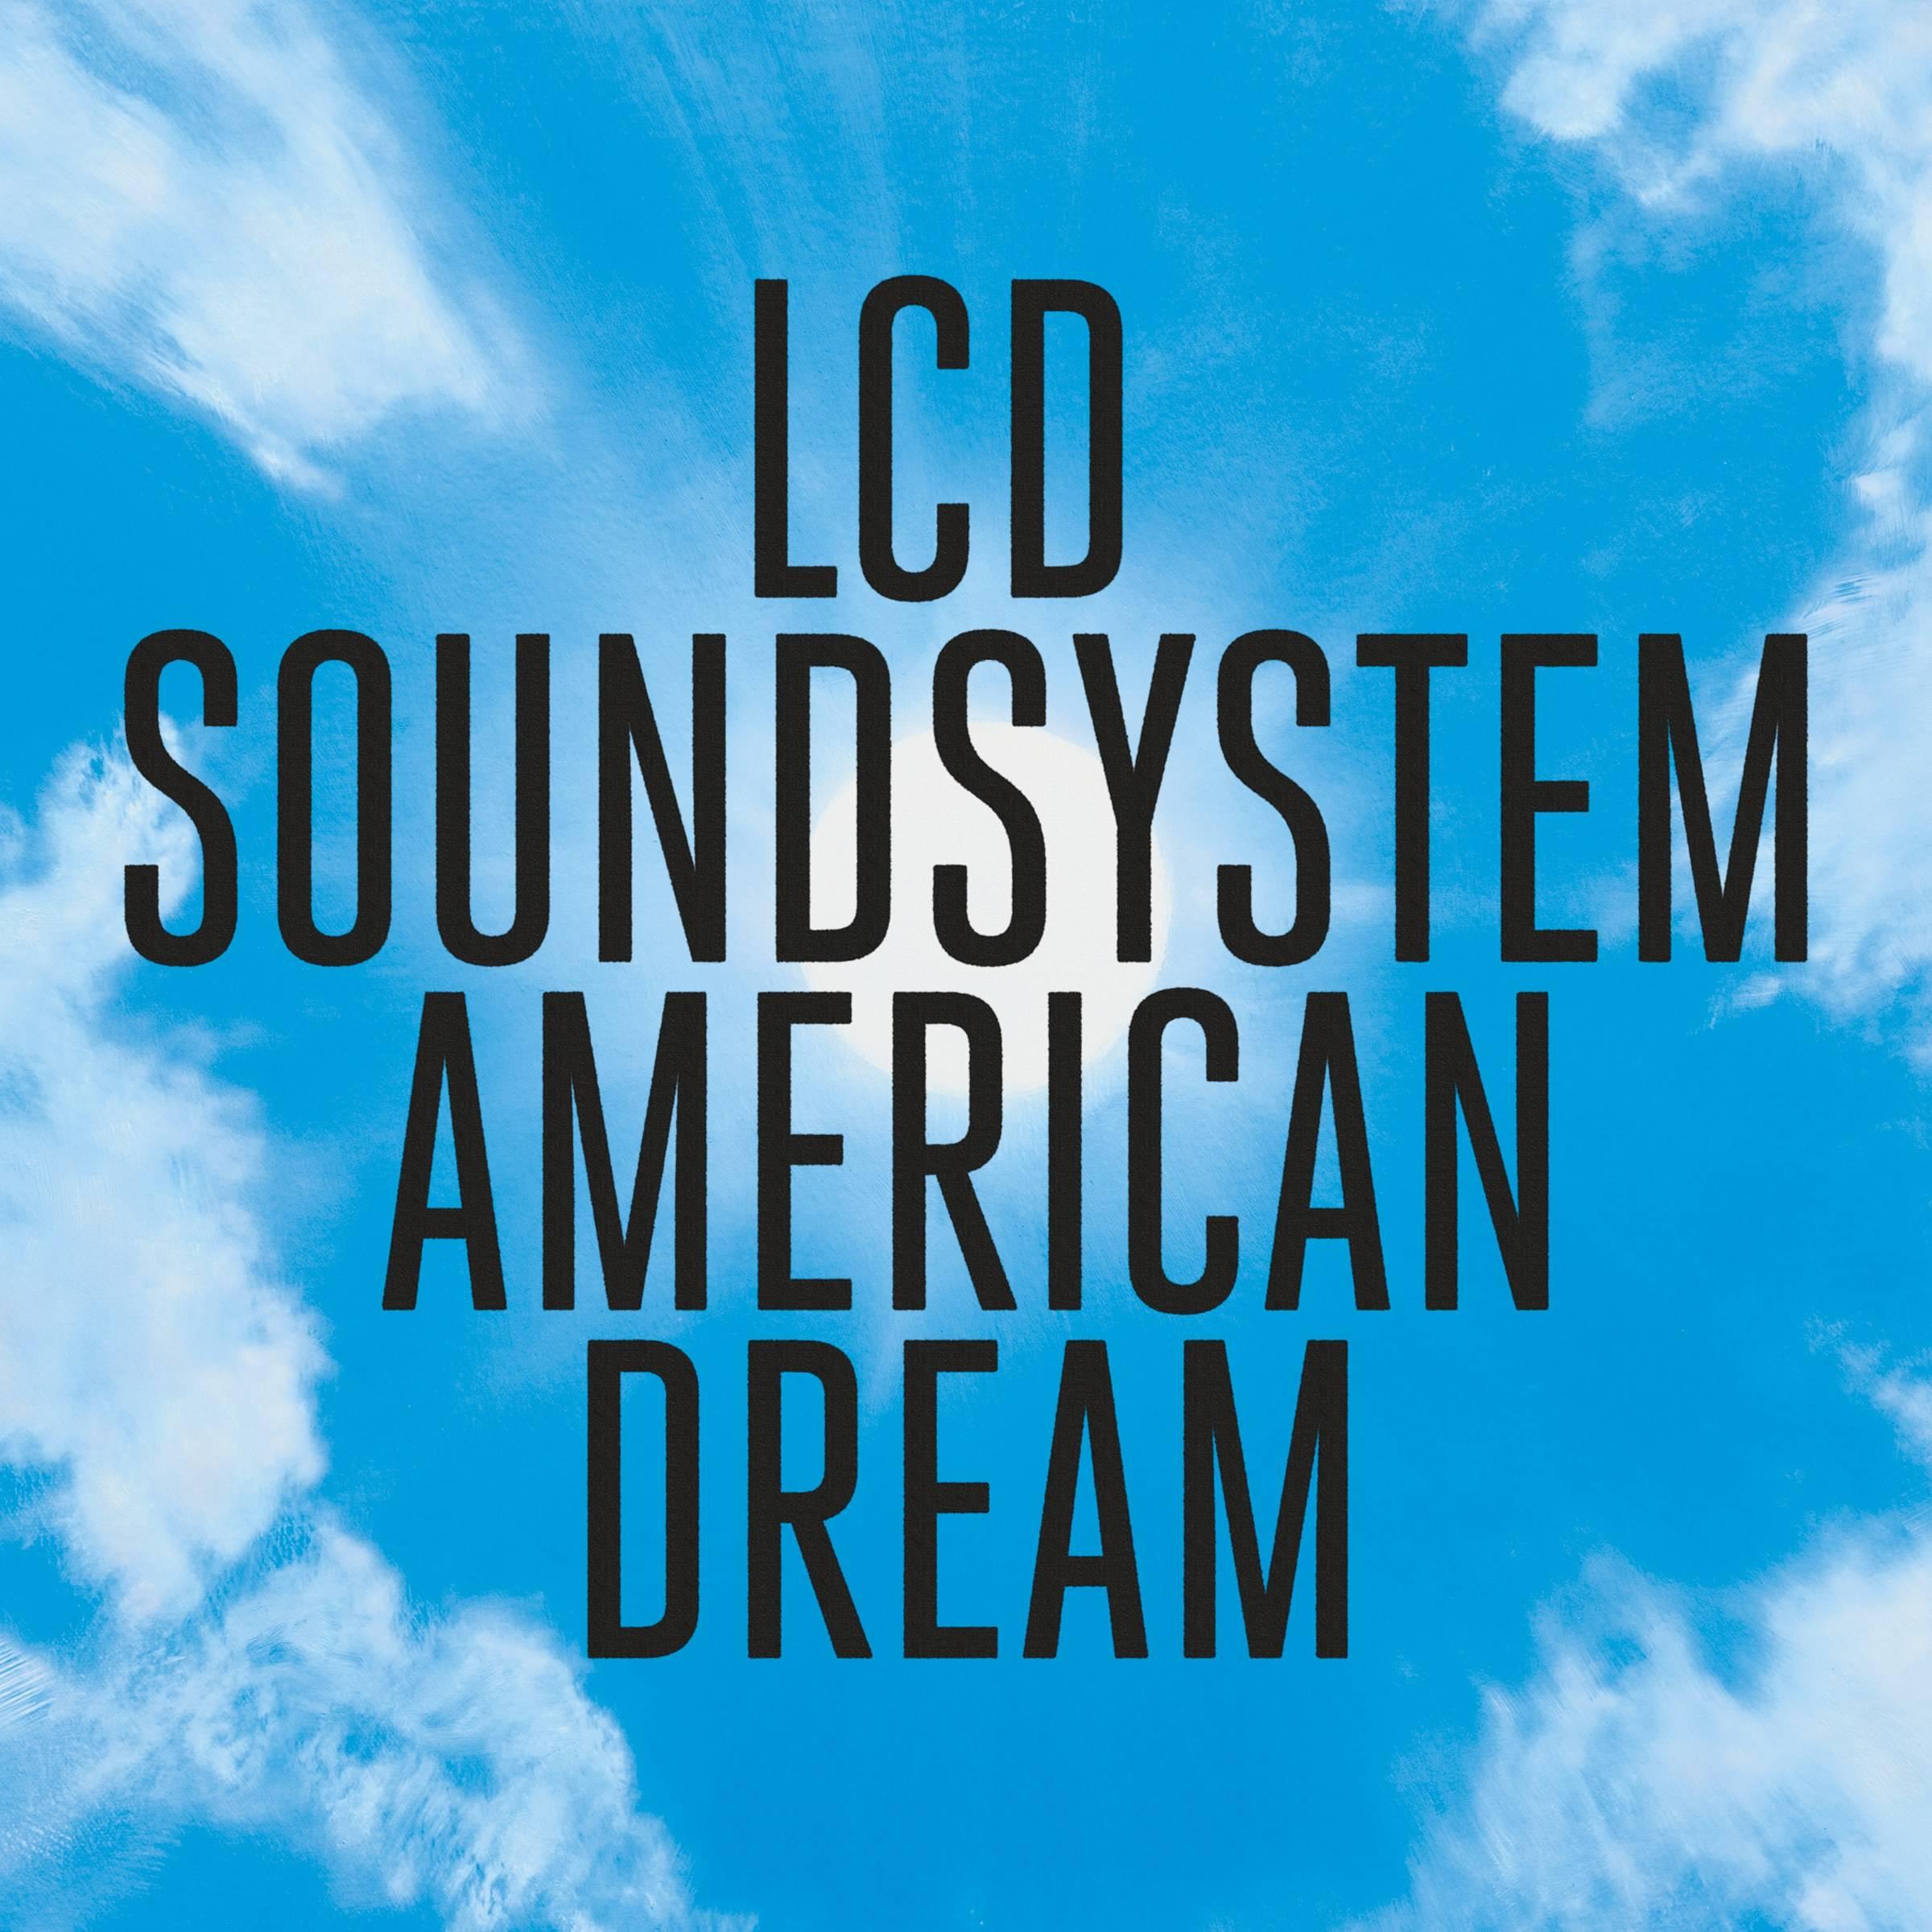 critica american dream lcd soundsystem